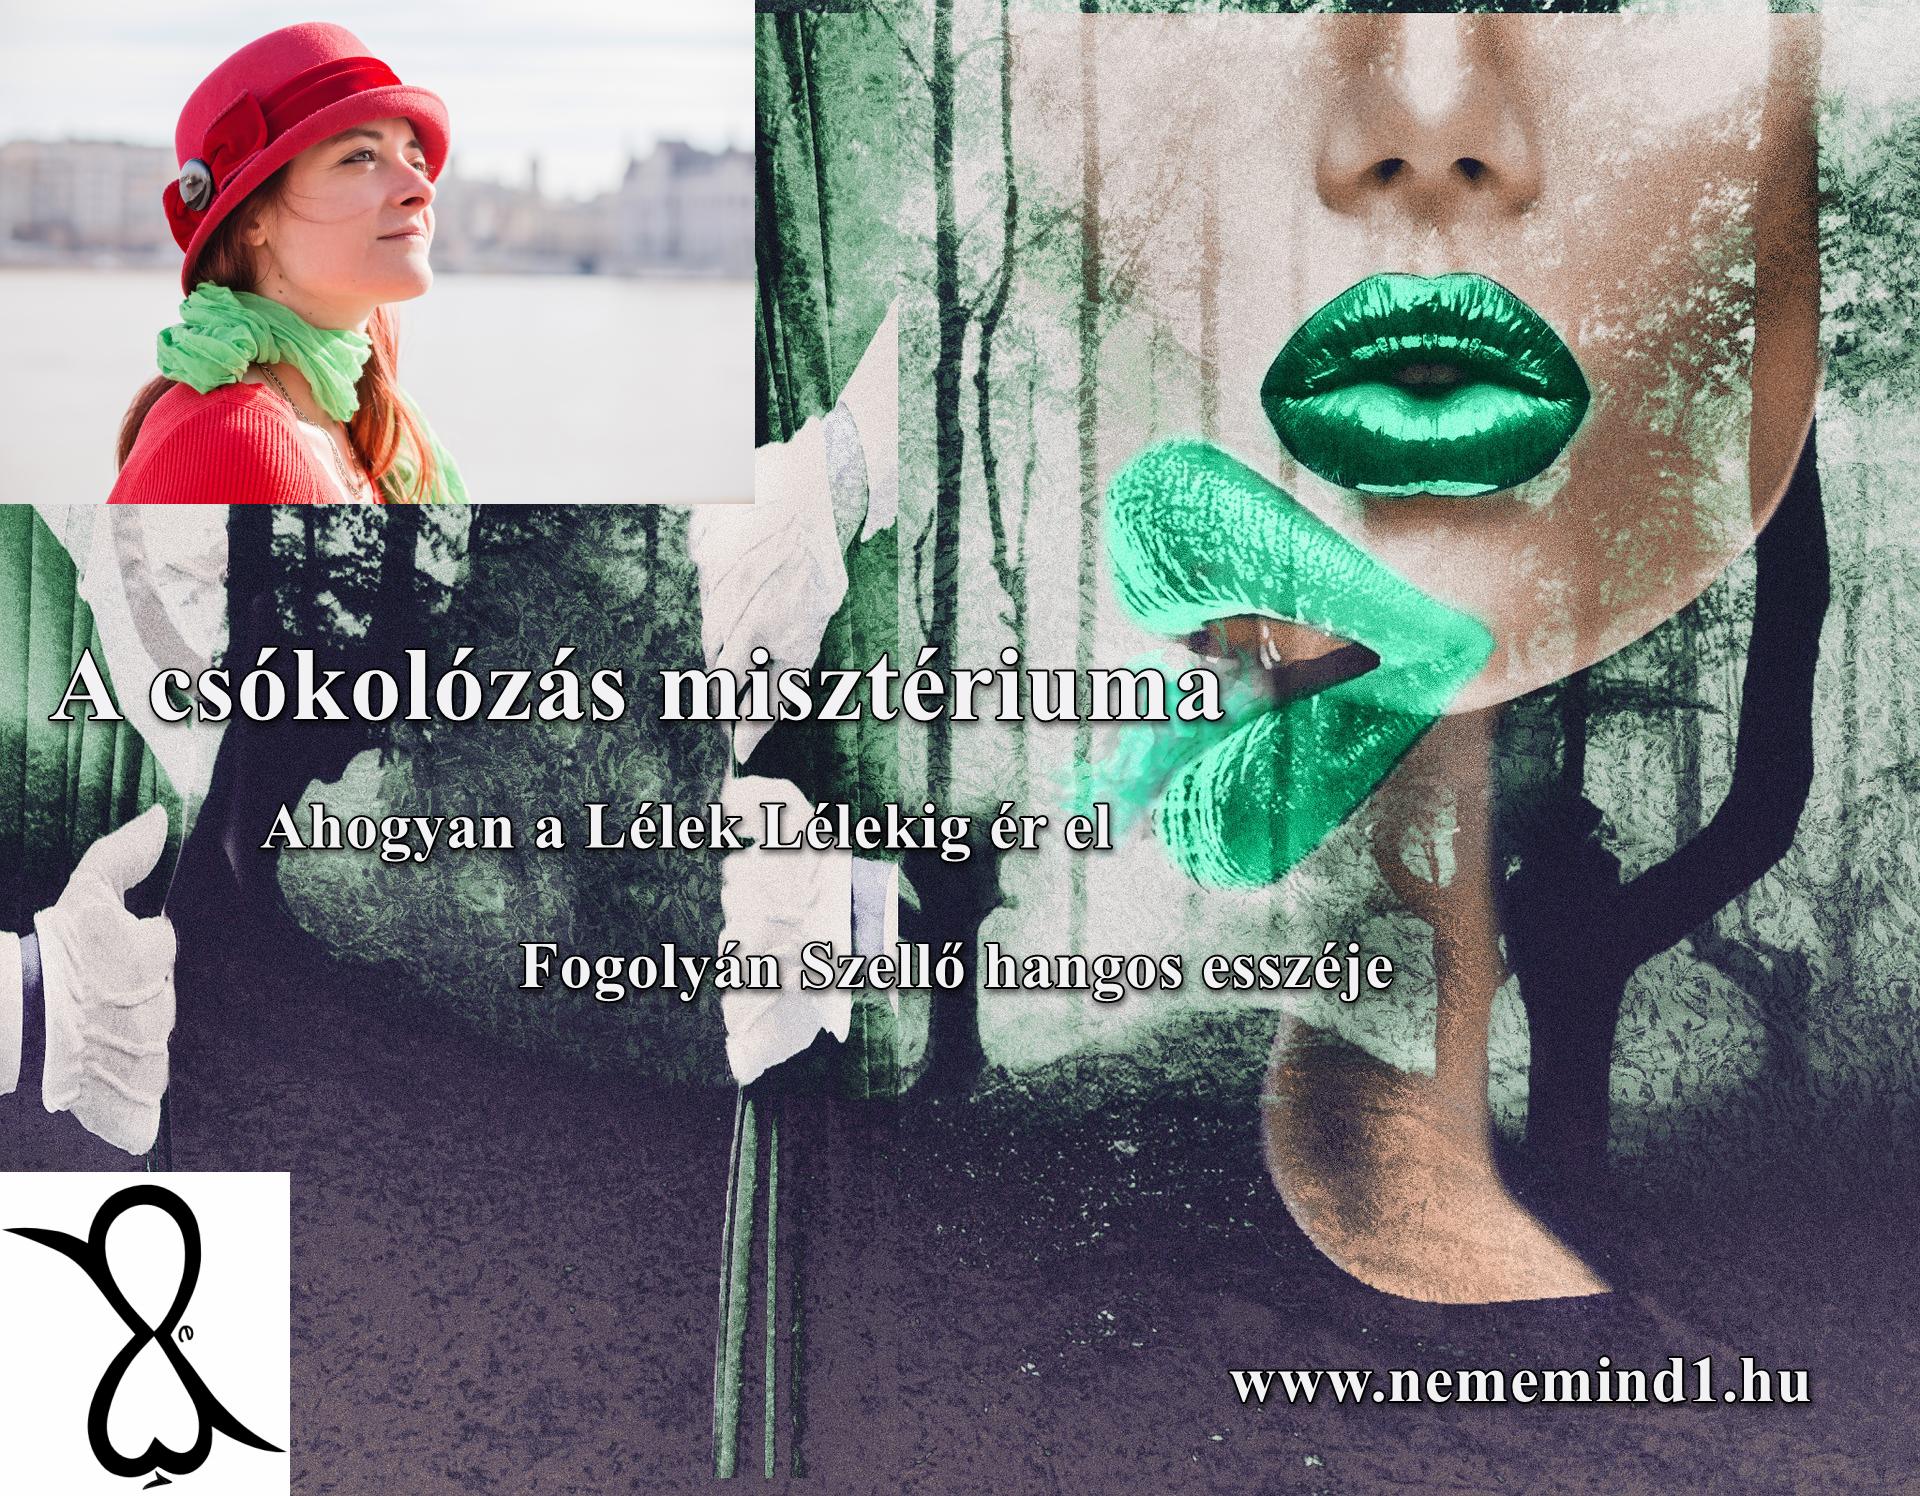 Hangos Fogolyán Szellő (Harangi Emese) írások 14, A csókolózás misztériuma; Ahogyan a Lélek Lélekig ér el (Esszé)